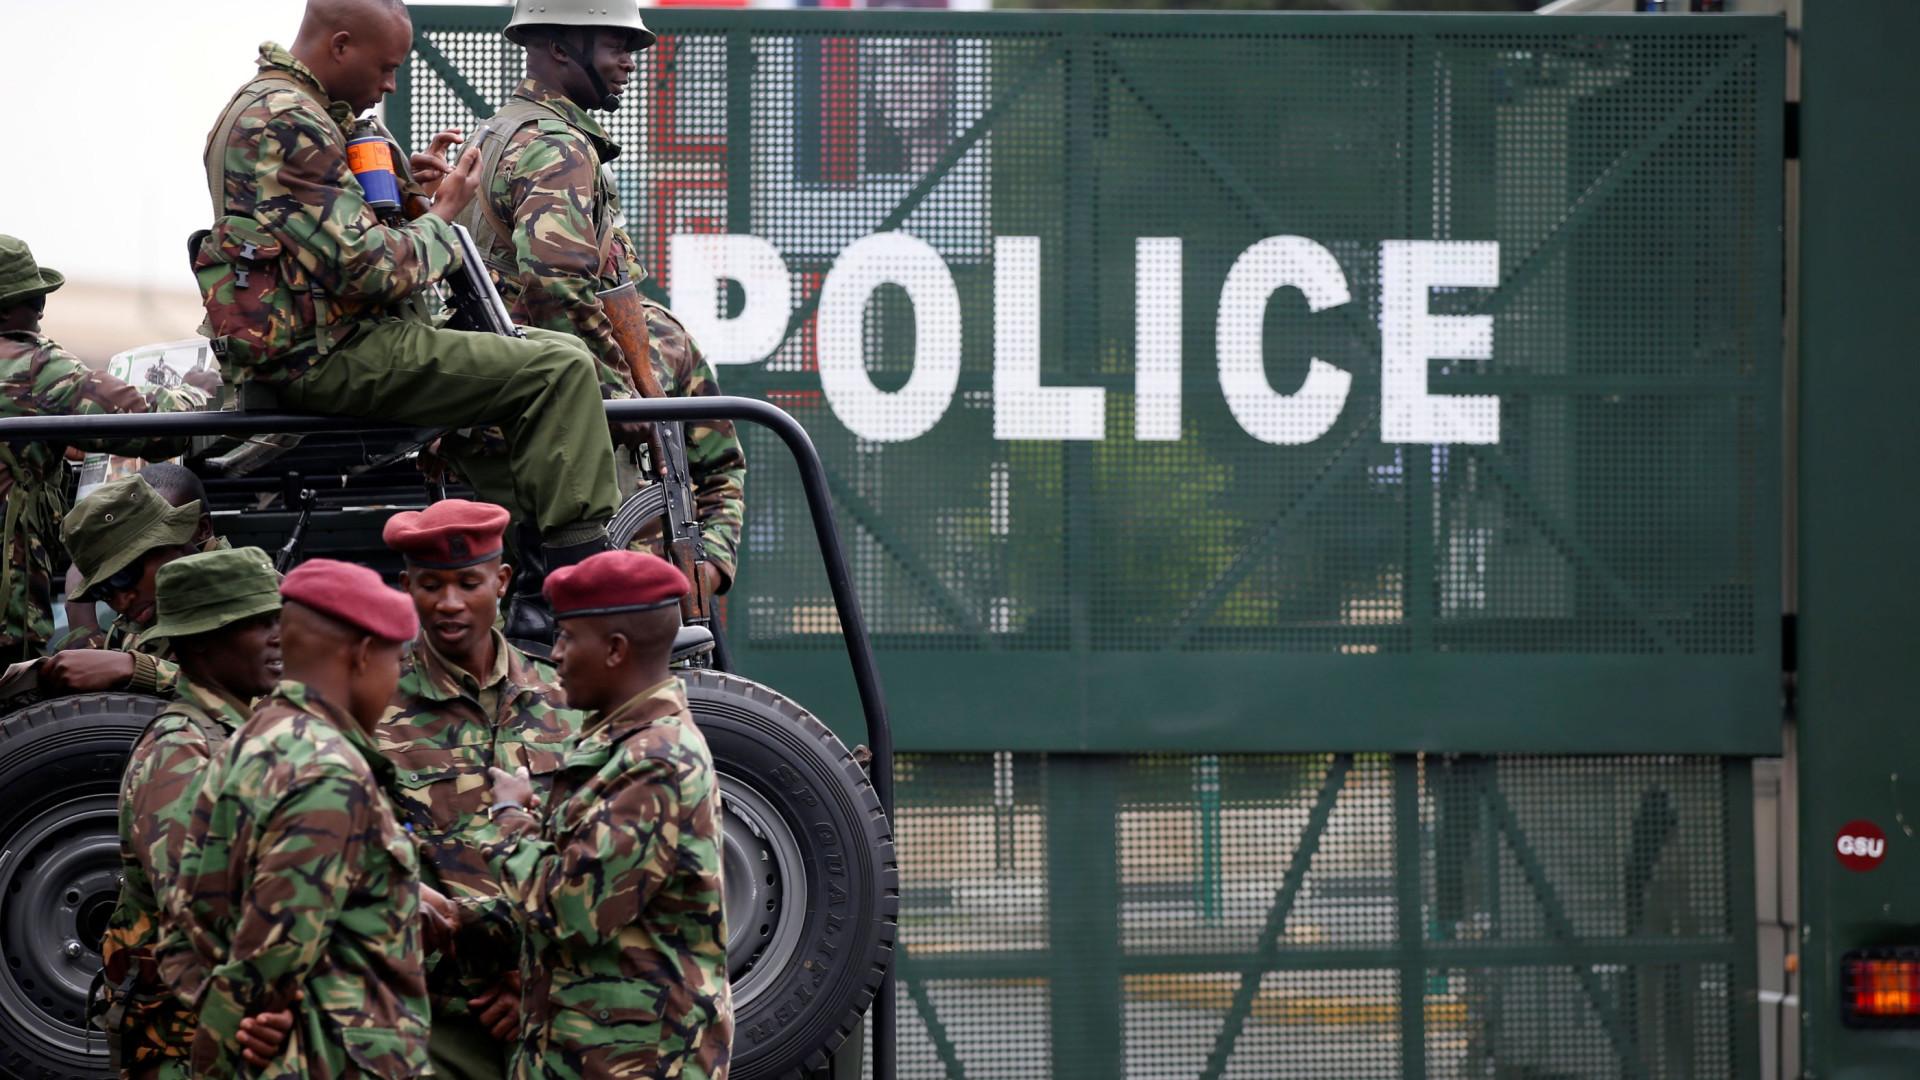 Governador queniano acusado de envolvimento em morte de estudante grávida